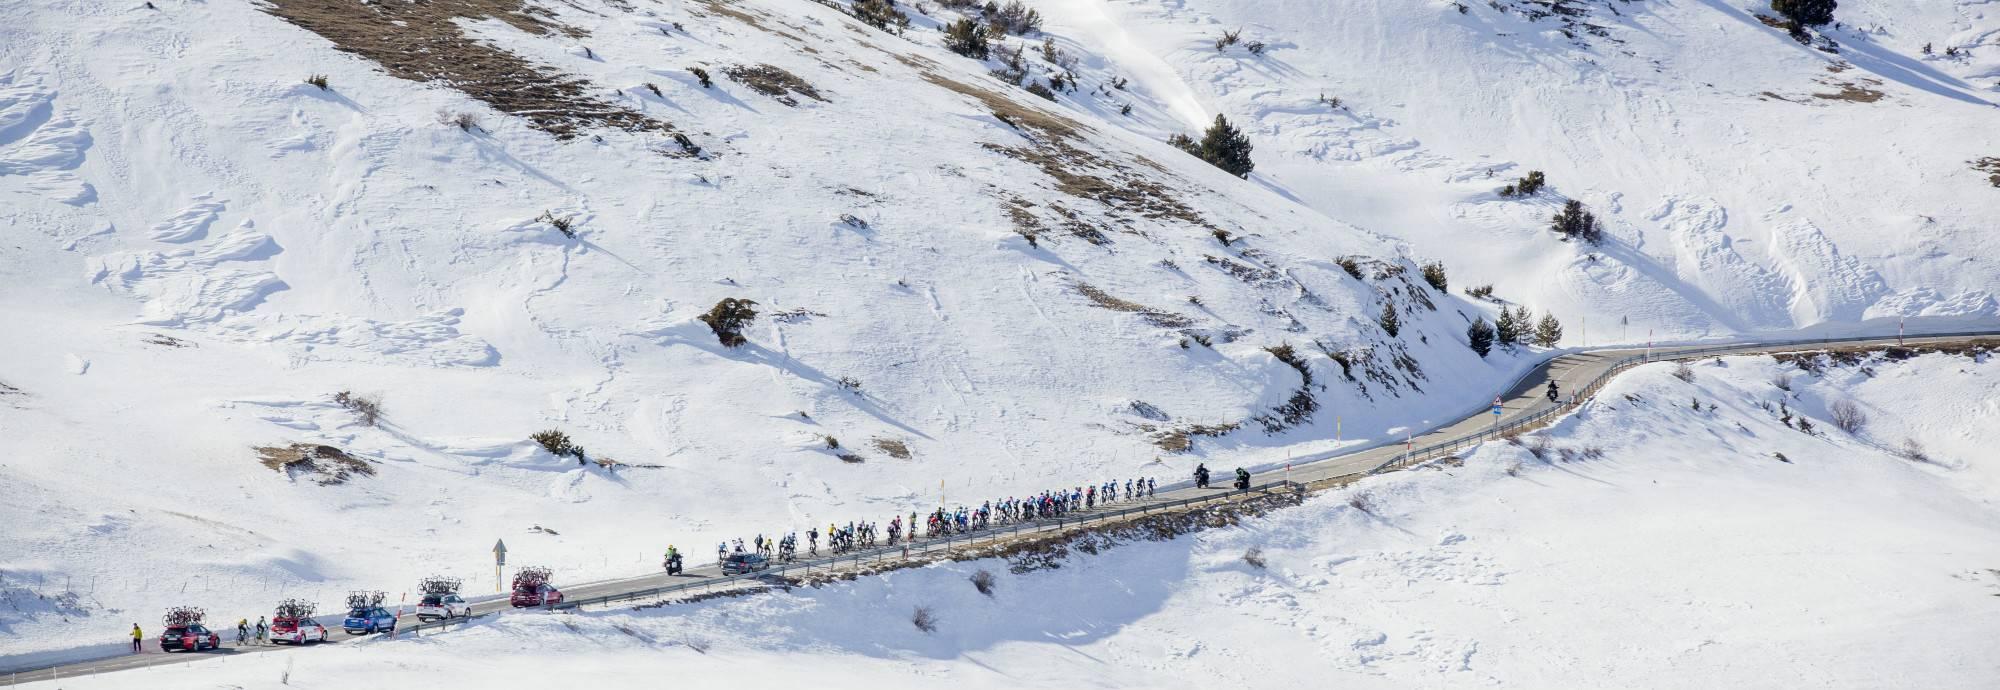 Header: SANT FELIU DE GUÍXOLS > VALLTER 2000 / SETCASES (Vall Camprodon)